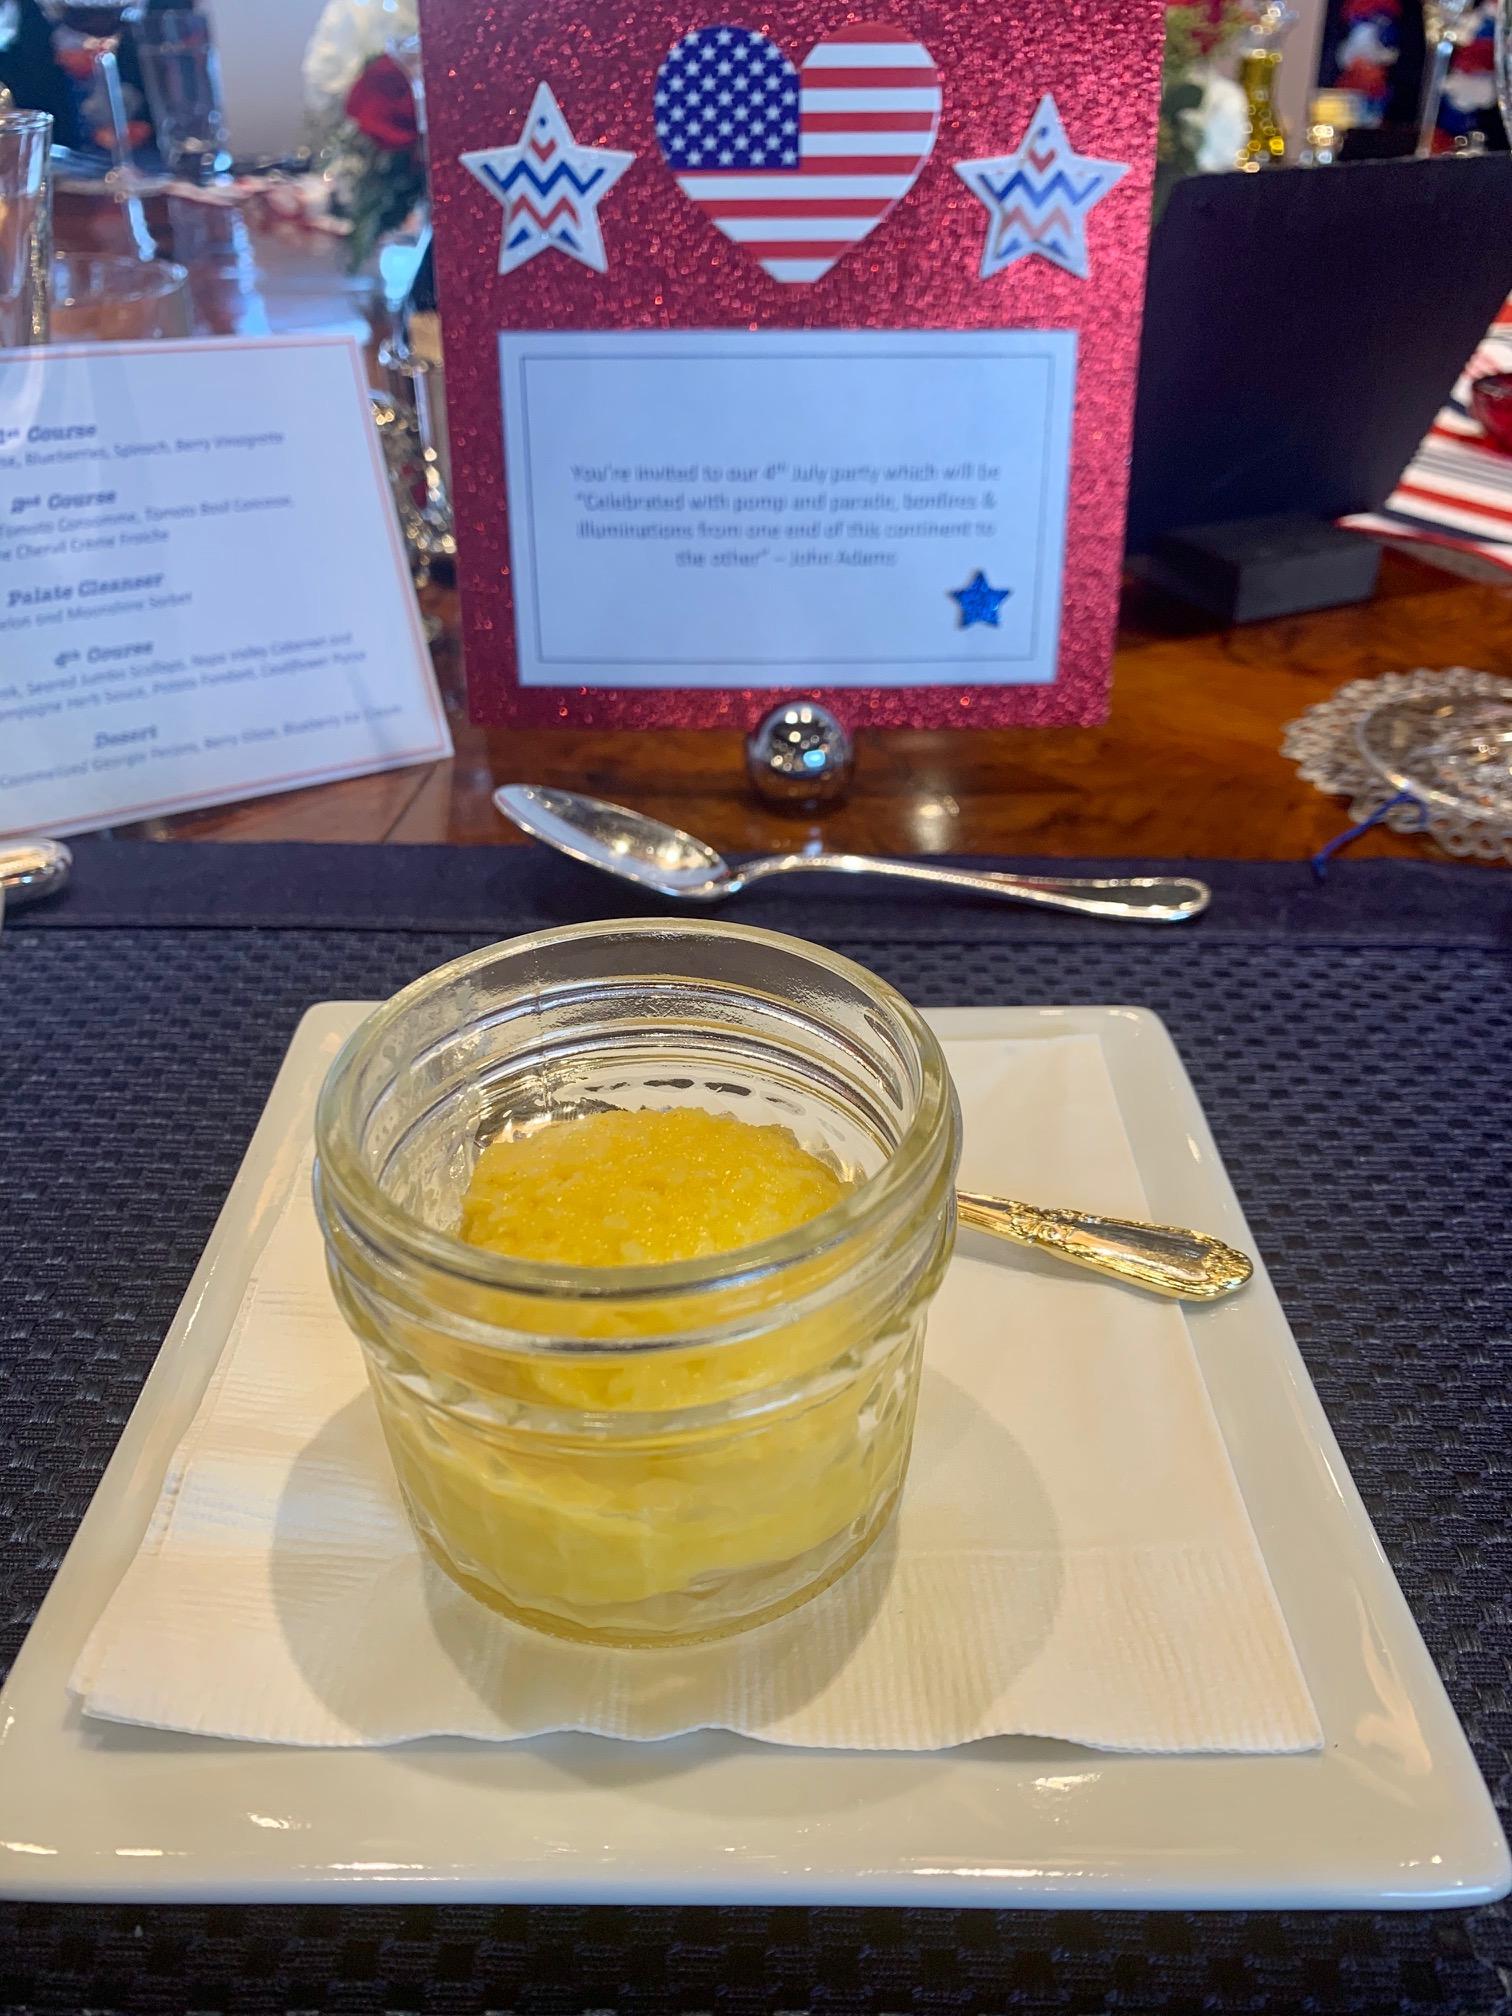 Amarula Sun Lunch at the Bahamas yacht charter show